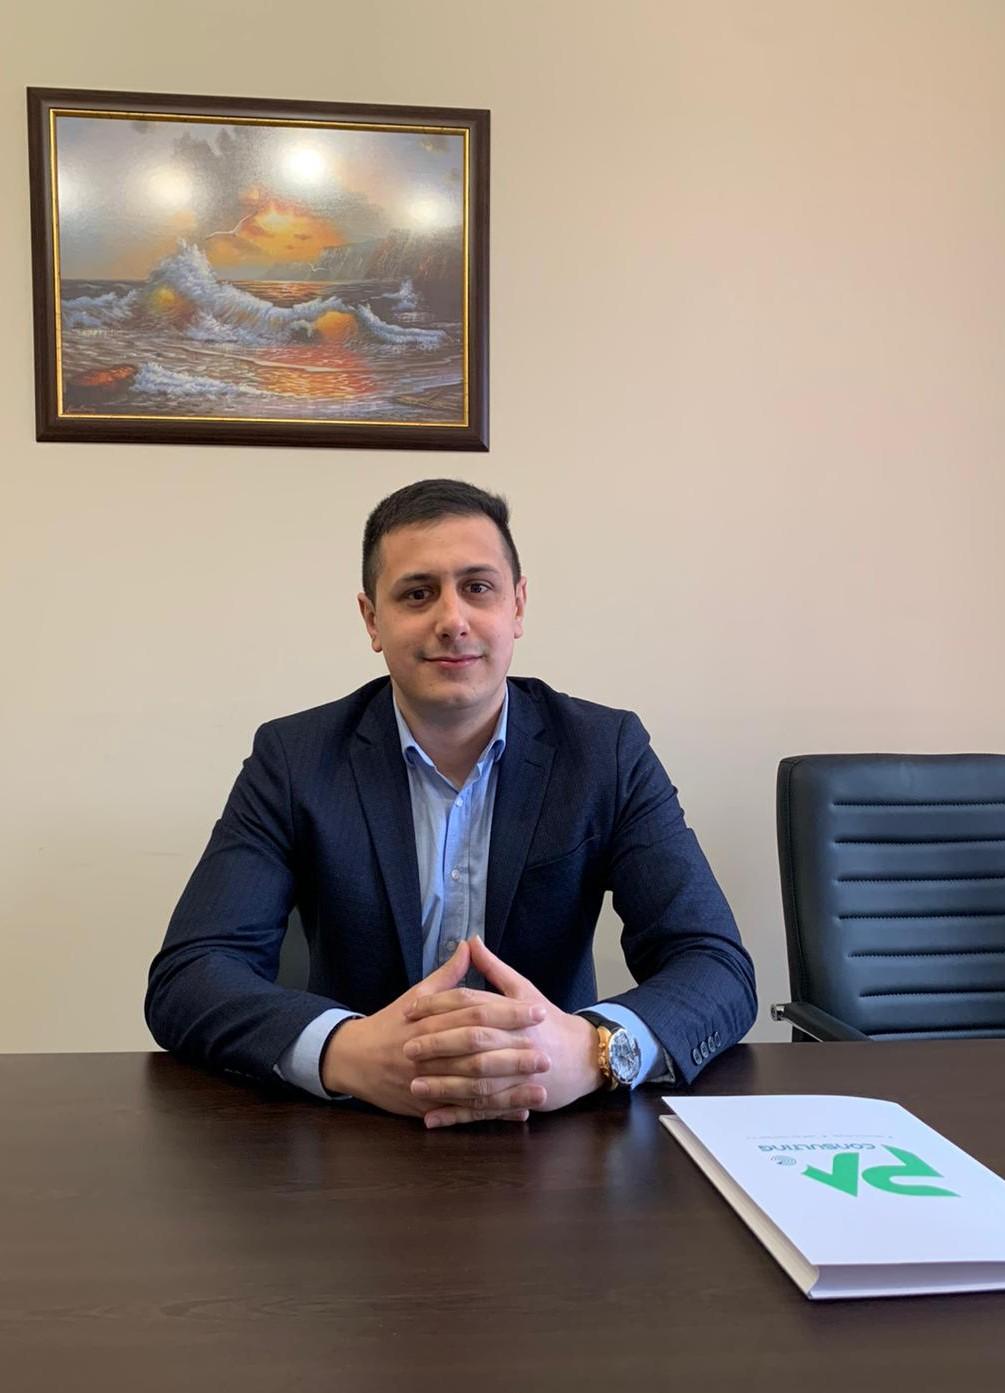 Атанас Атанасов, ПА Консултинг: Лихвите при ипотечното кредитиране са рекордно ниски